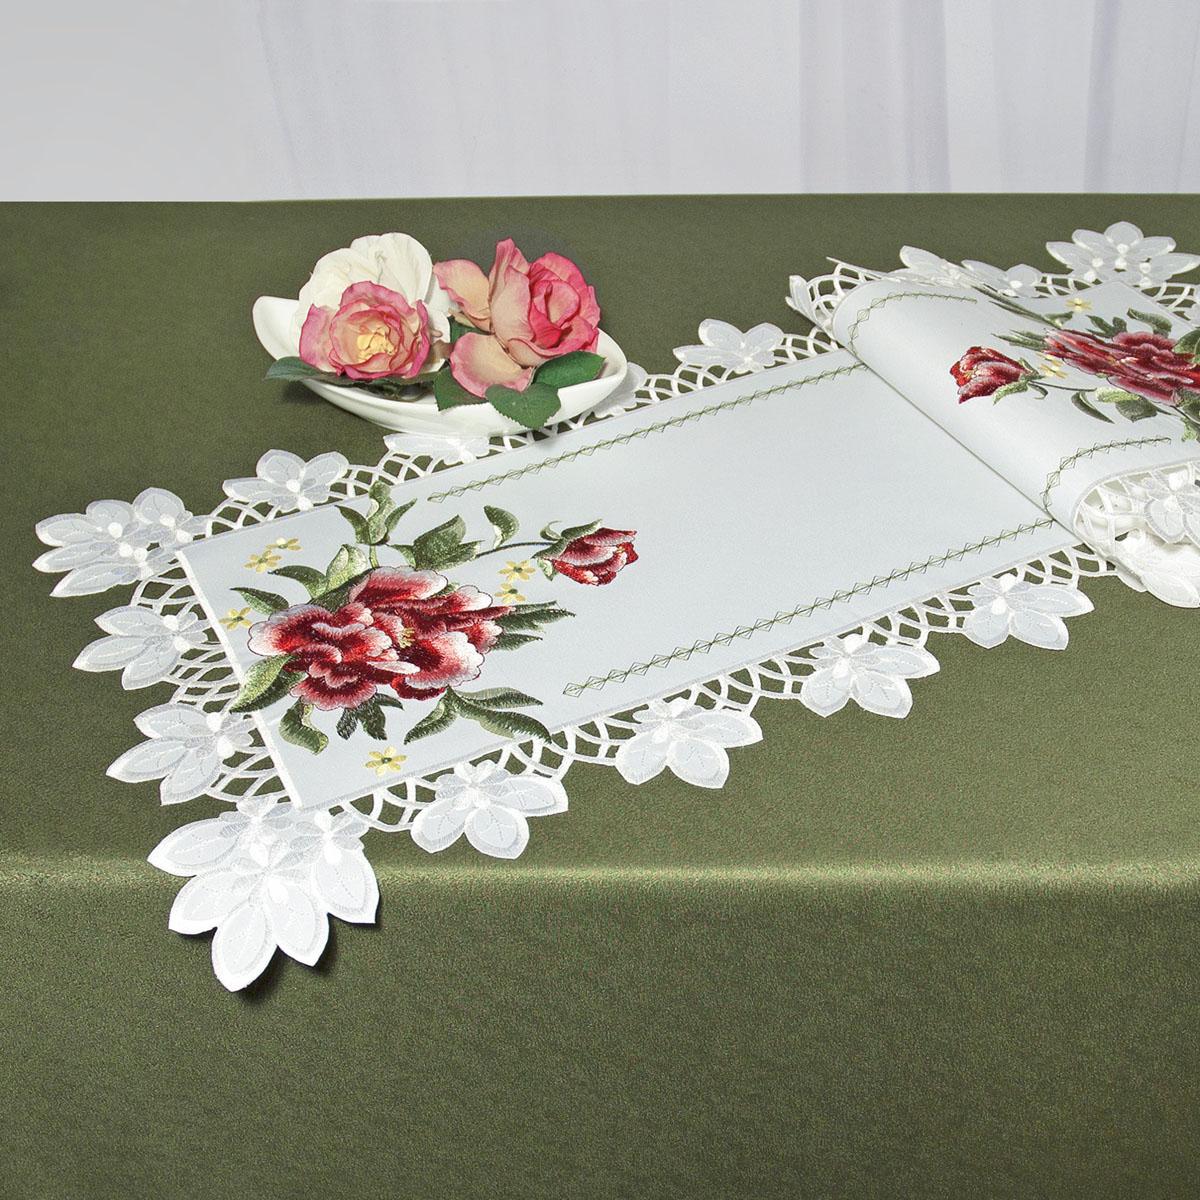 Дорожка для декорирования стола Schaefer, прямоугольная, цвет: белый, красный, 40 x 110 см 07481-233VT-1520(SR)Дорожка Schaefer выполнена из высококачественного полиэстера и украшена вышитыми рисунками в виде цветов. Края дорожки оформлены в технике ришелье. Вы можете использовать дорожку для декорирования стола, комода или журнального столика.Благодаря такой дорожке вы защитите поверхность мебели от воды, пятен и механических воздействий, а также создадите атмосферу уюта и домашнего тепла в интерьере вашей квартиры. Изделия из искусственных волокон легко стирать: они не мнутся, не садятся и быстро сохнут, они более долговечны, чем изделия из натуральных волокон.Изысканный текстиль от немецкой компании Schaefer - это красота, стиль и уют в вашем доме. Дорожка органично впишется в интерьер любого помещения, а оригинальный дизайн удовлетворит даже самый изысканный вкус. Дарите себе и близким красоту каждый день!